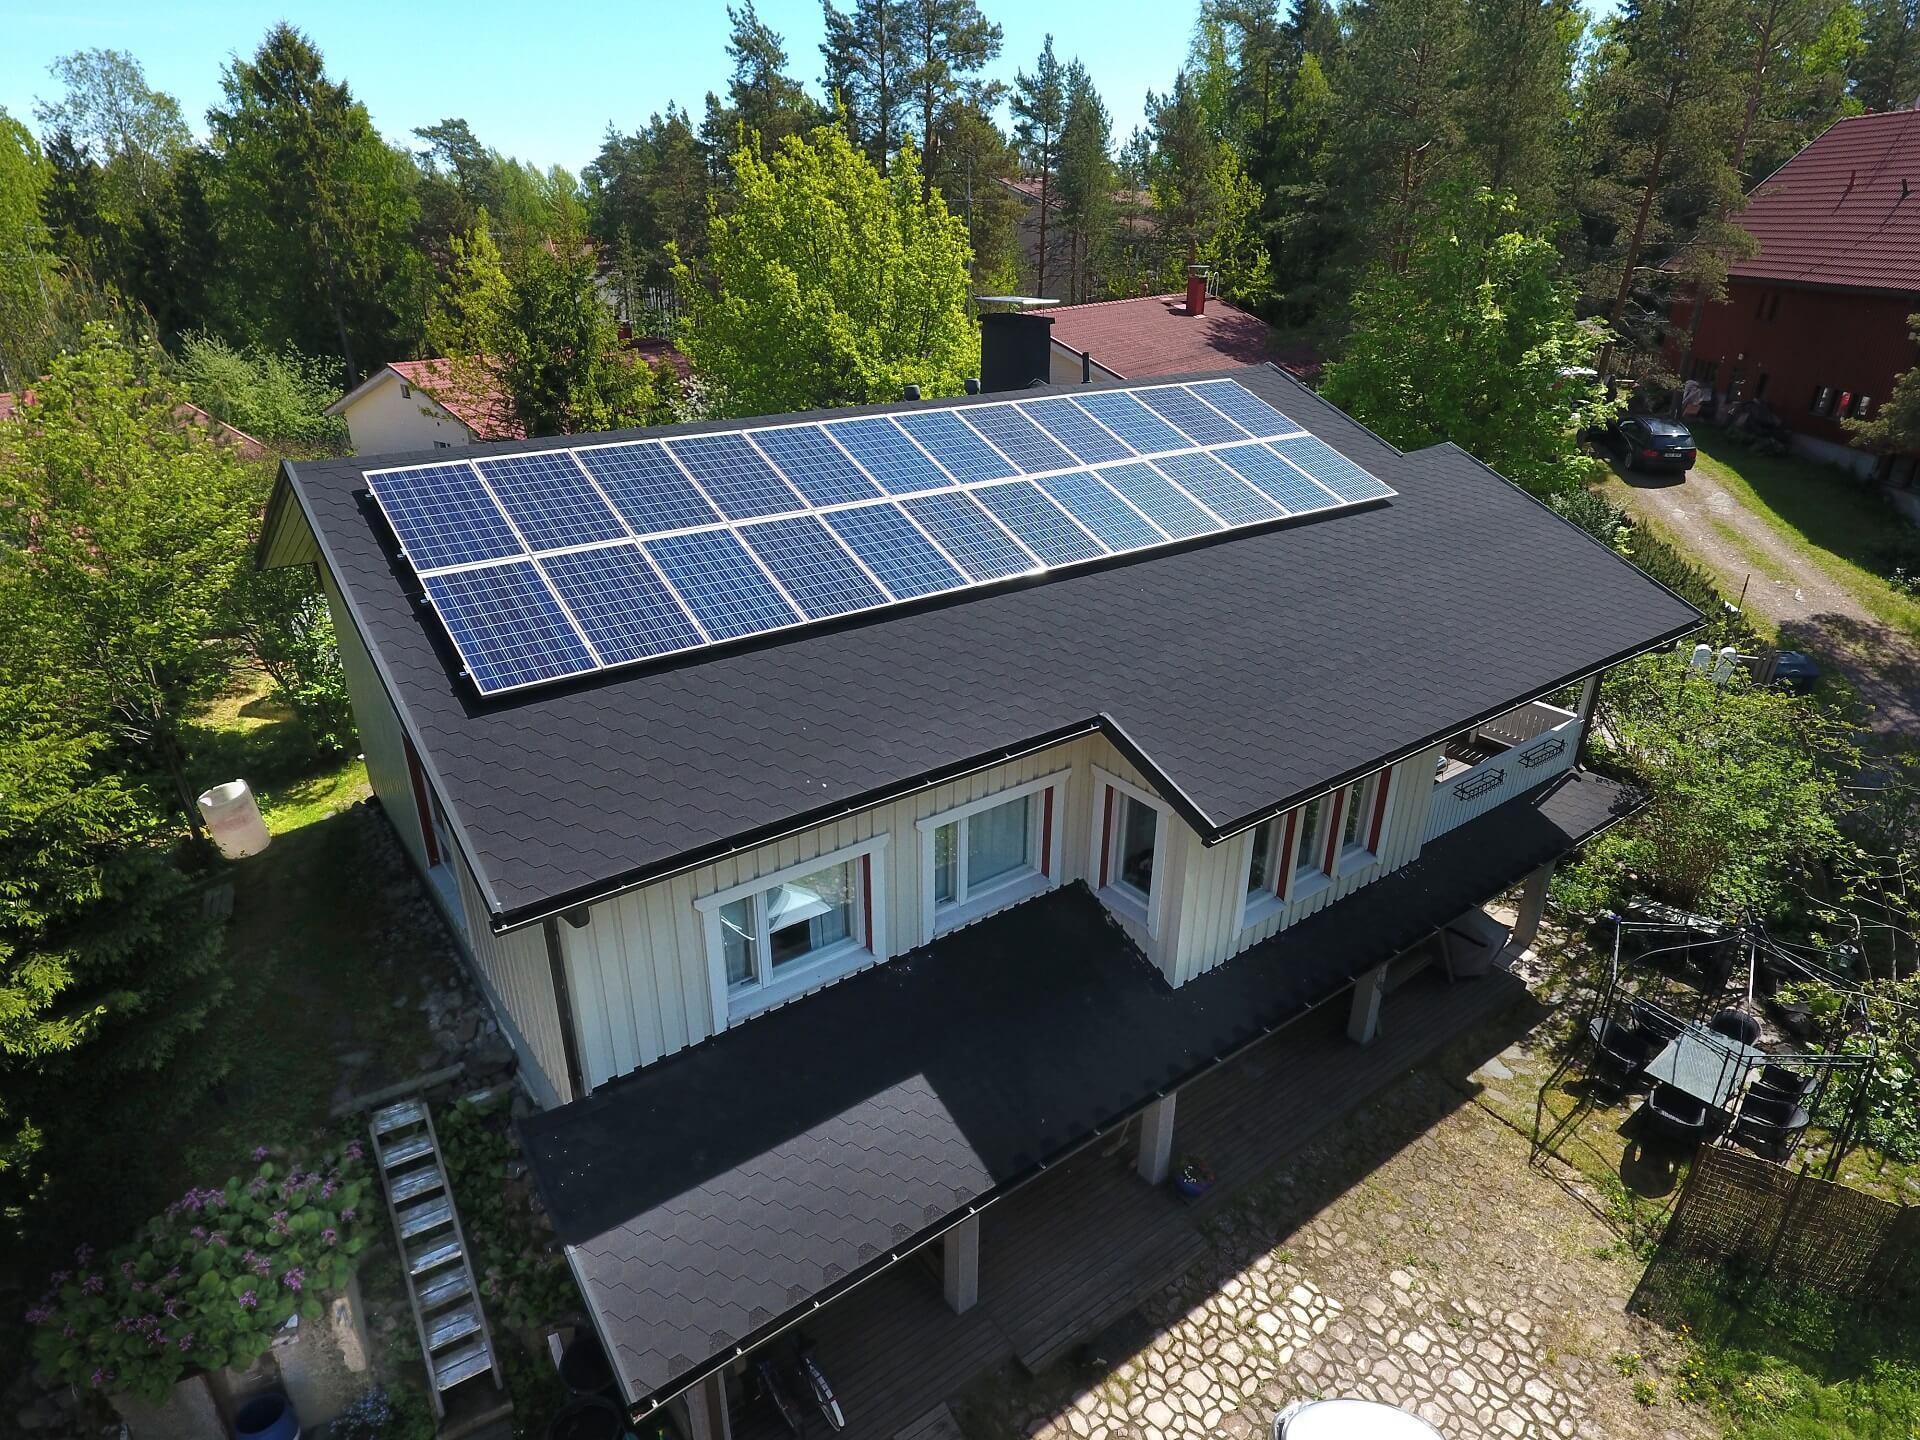 Aurinkopaneelit omakotitaloon tai sähköverkon piirissä olevalle mökille